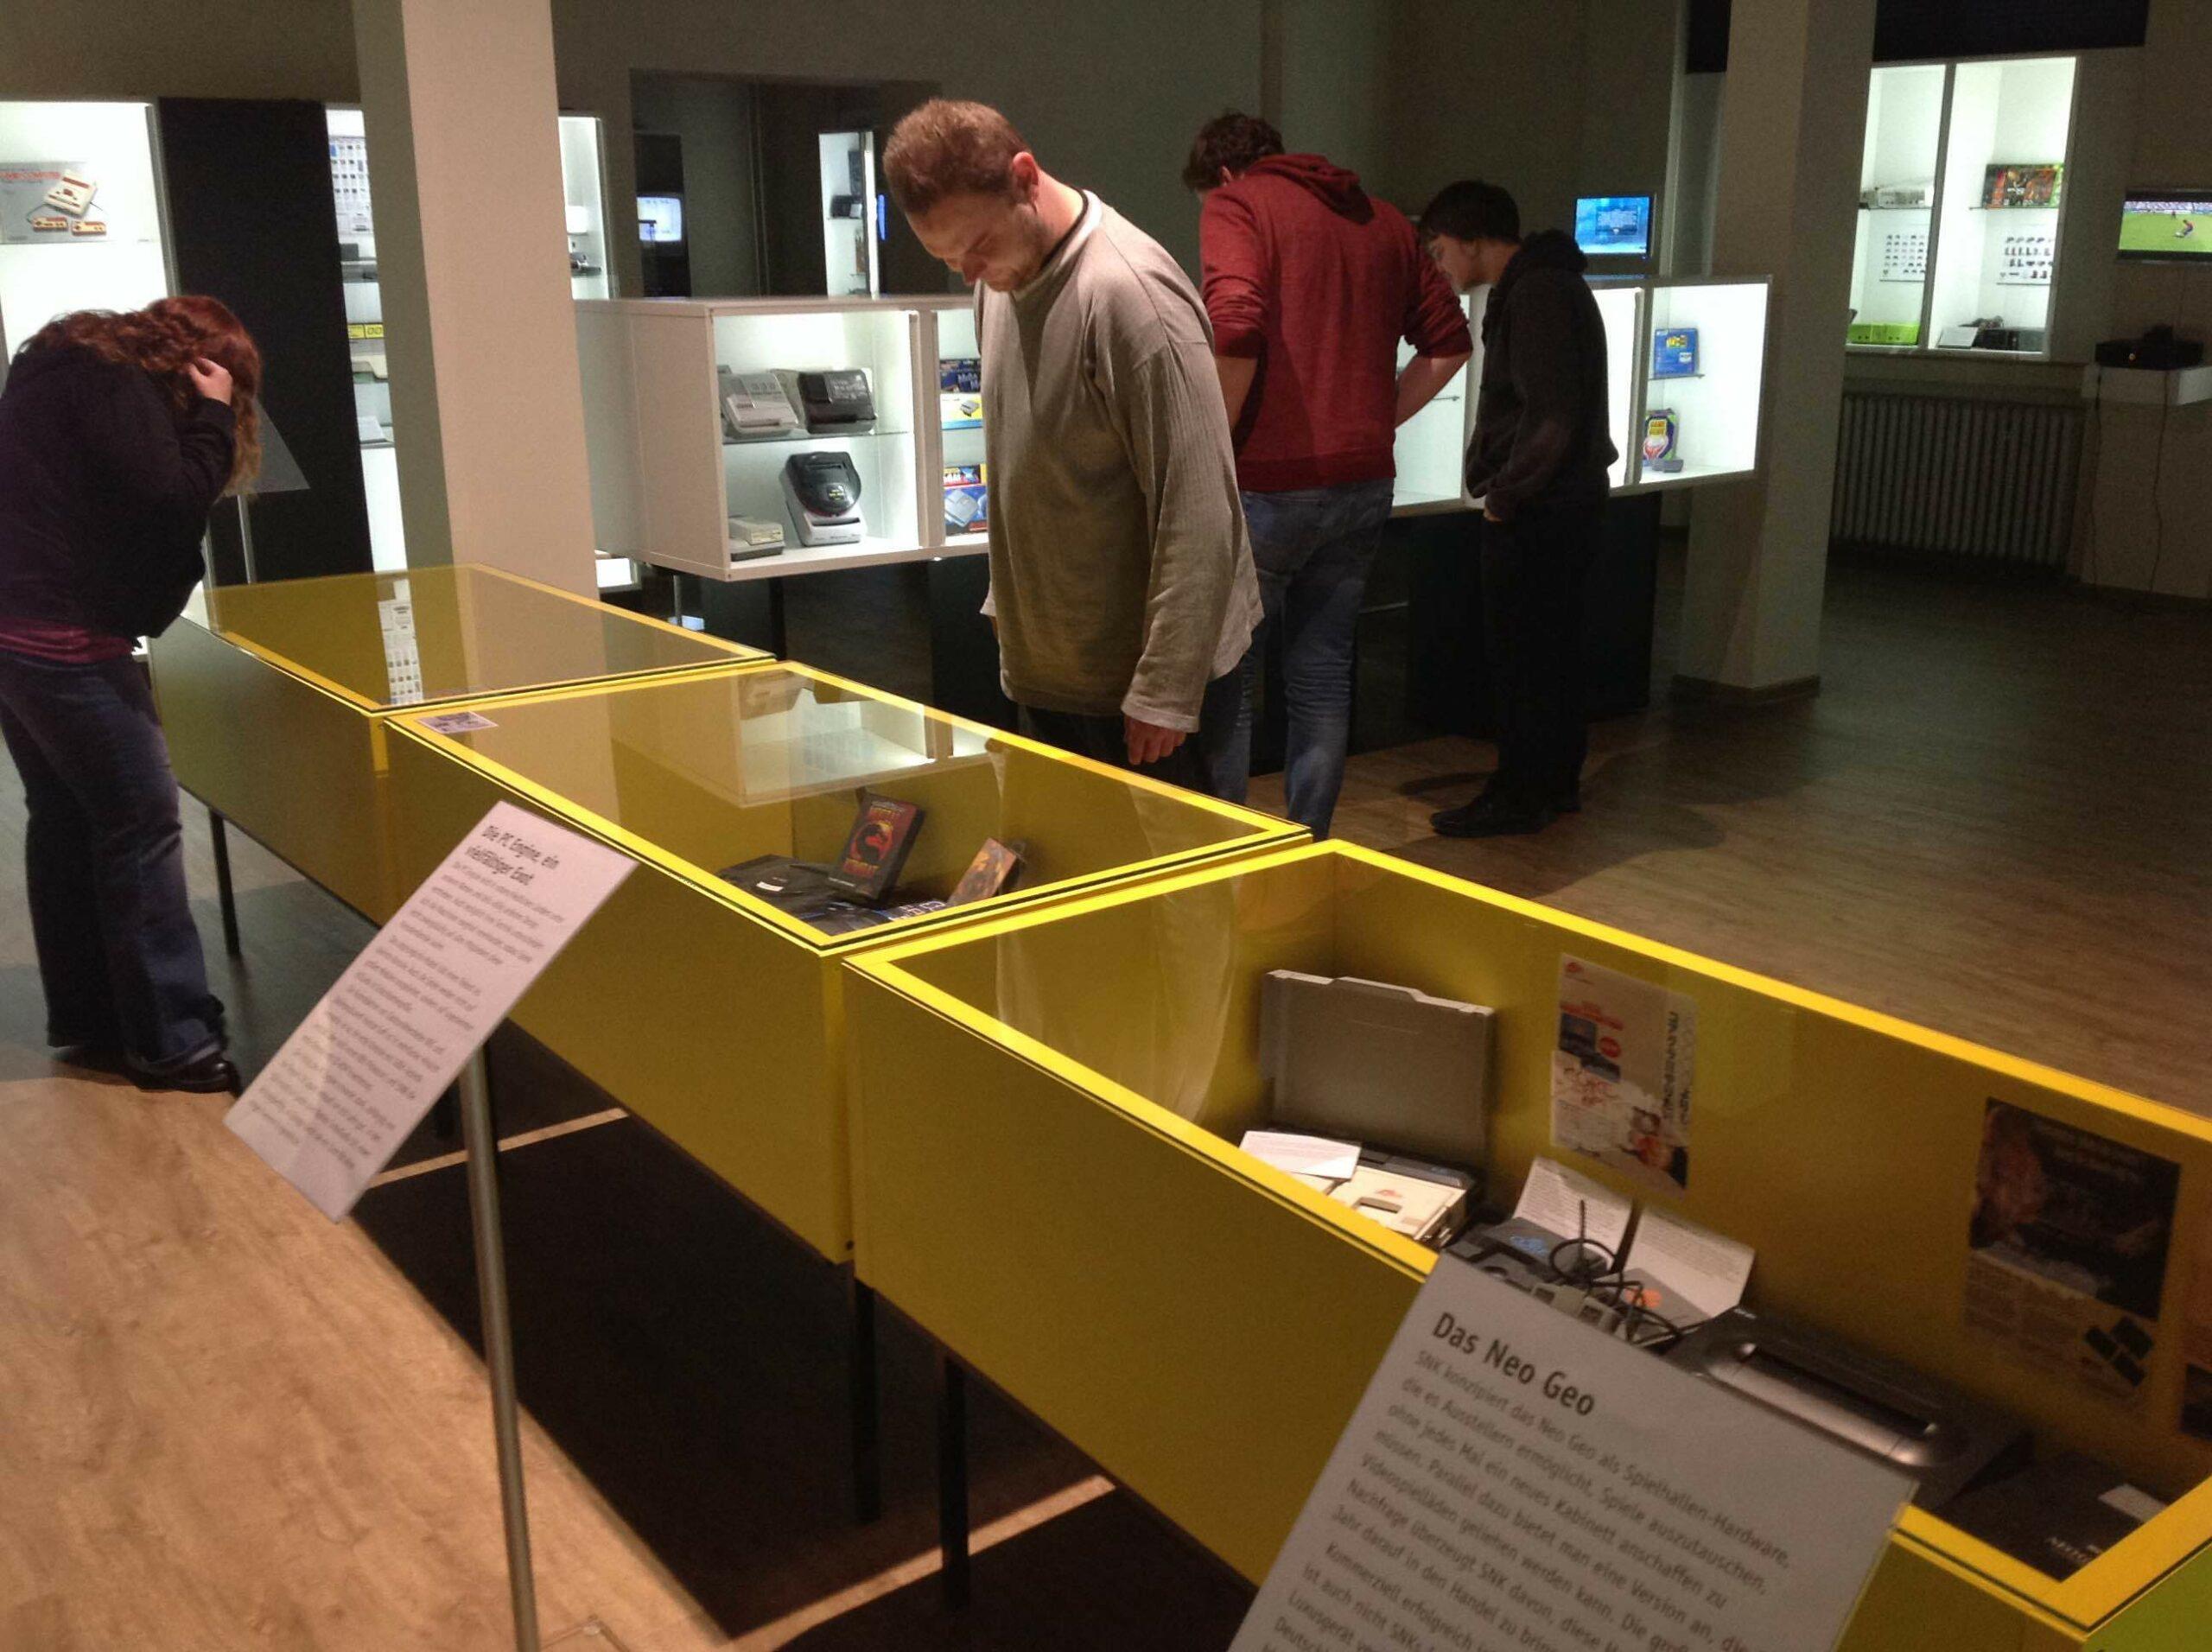 Blick in die Ausstellung des Museums der digitalen Kultur